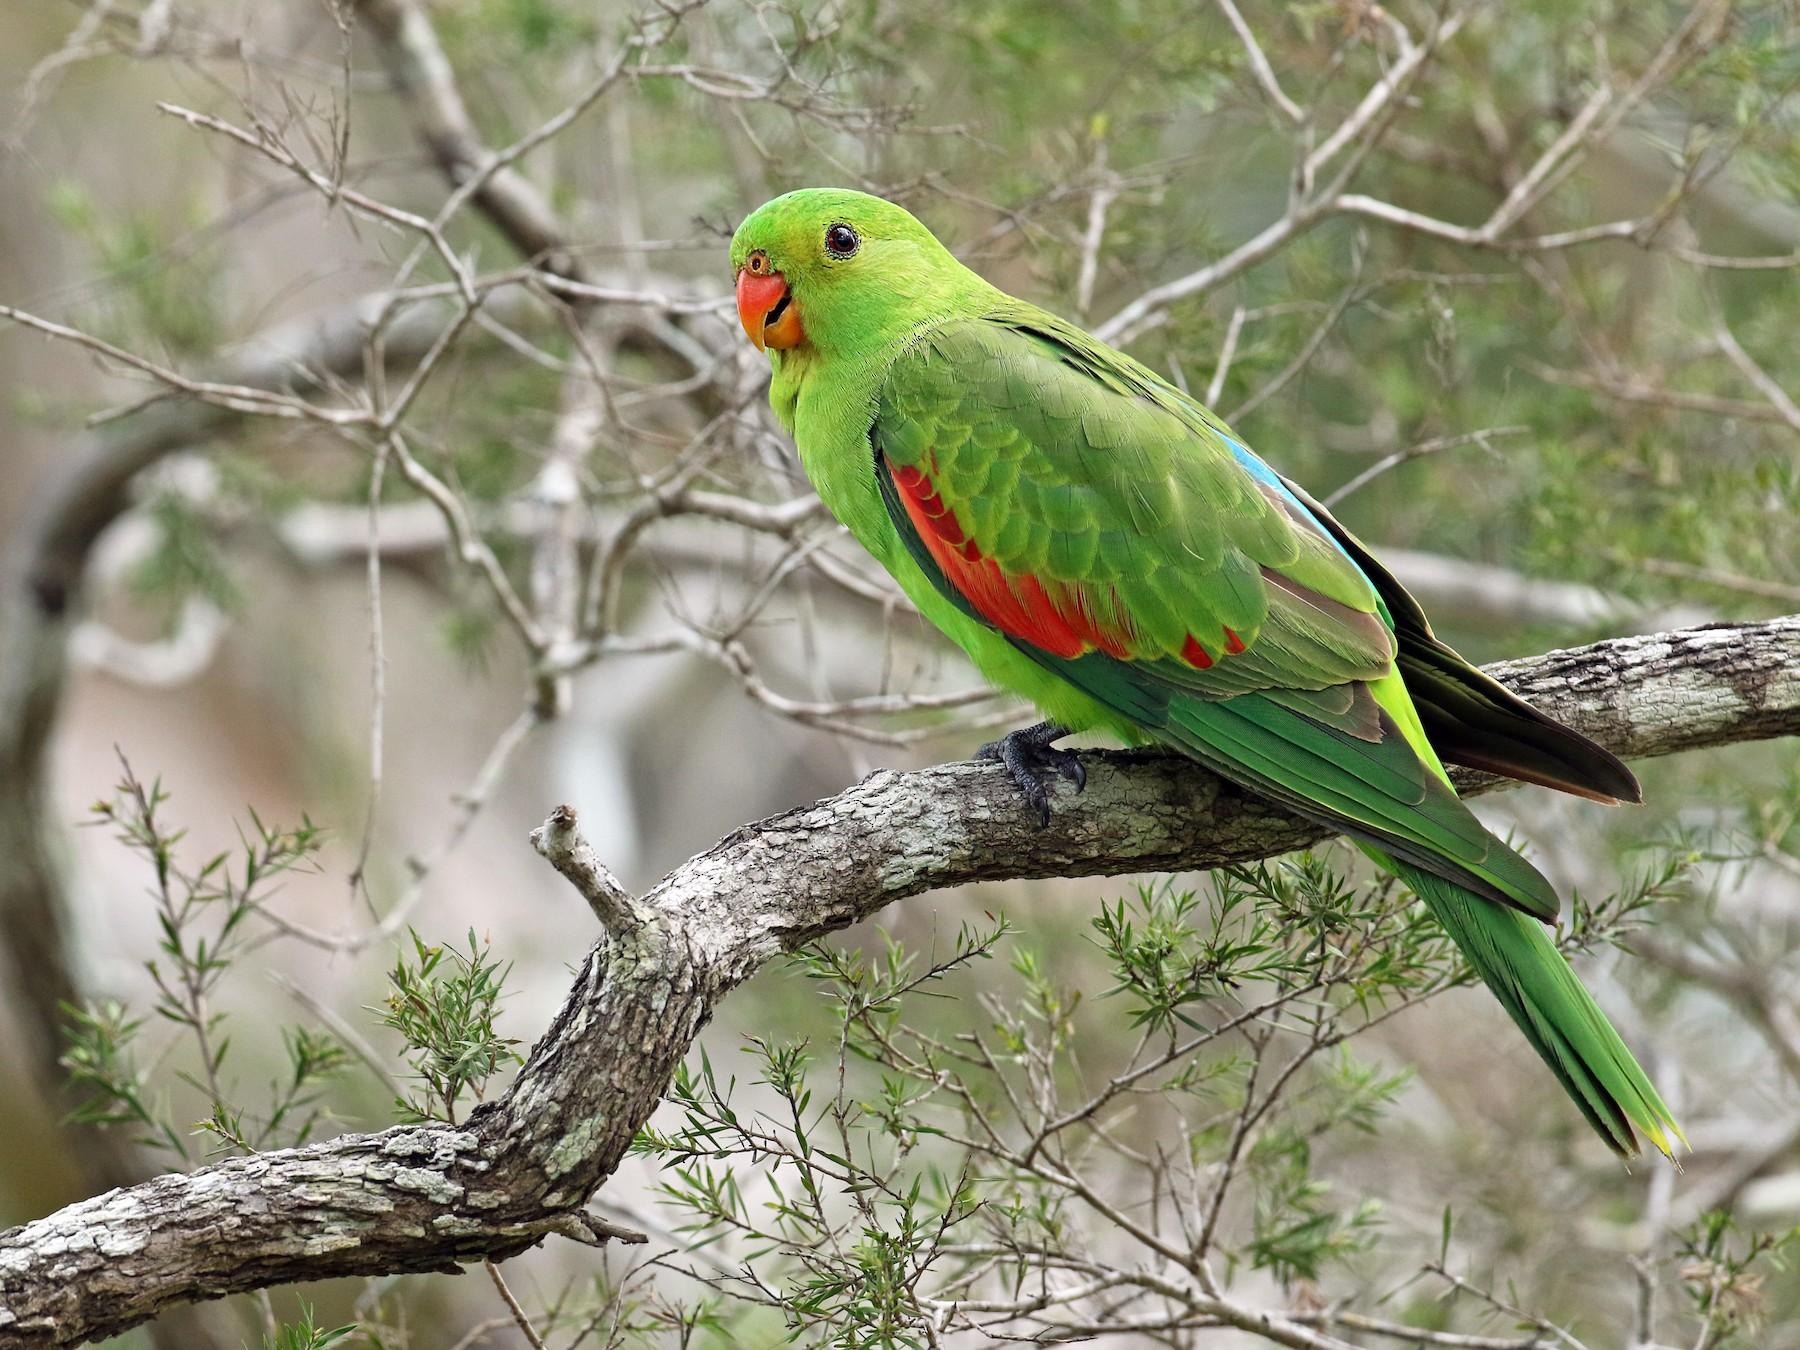 Red-winged Parrot - Luke Seitz